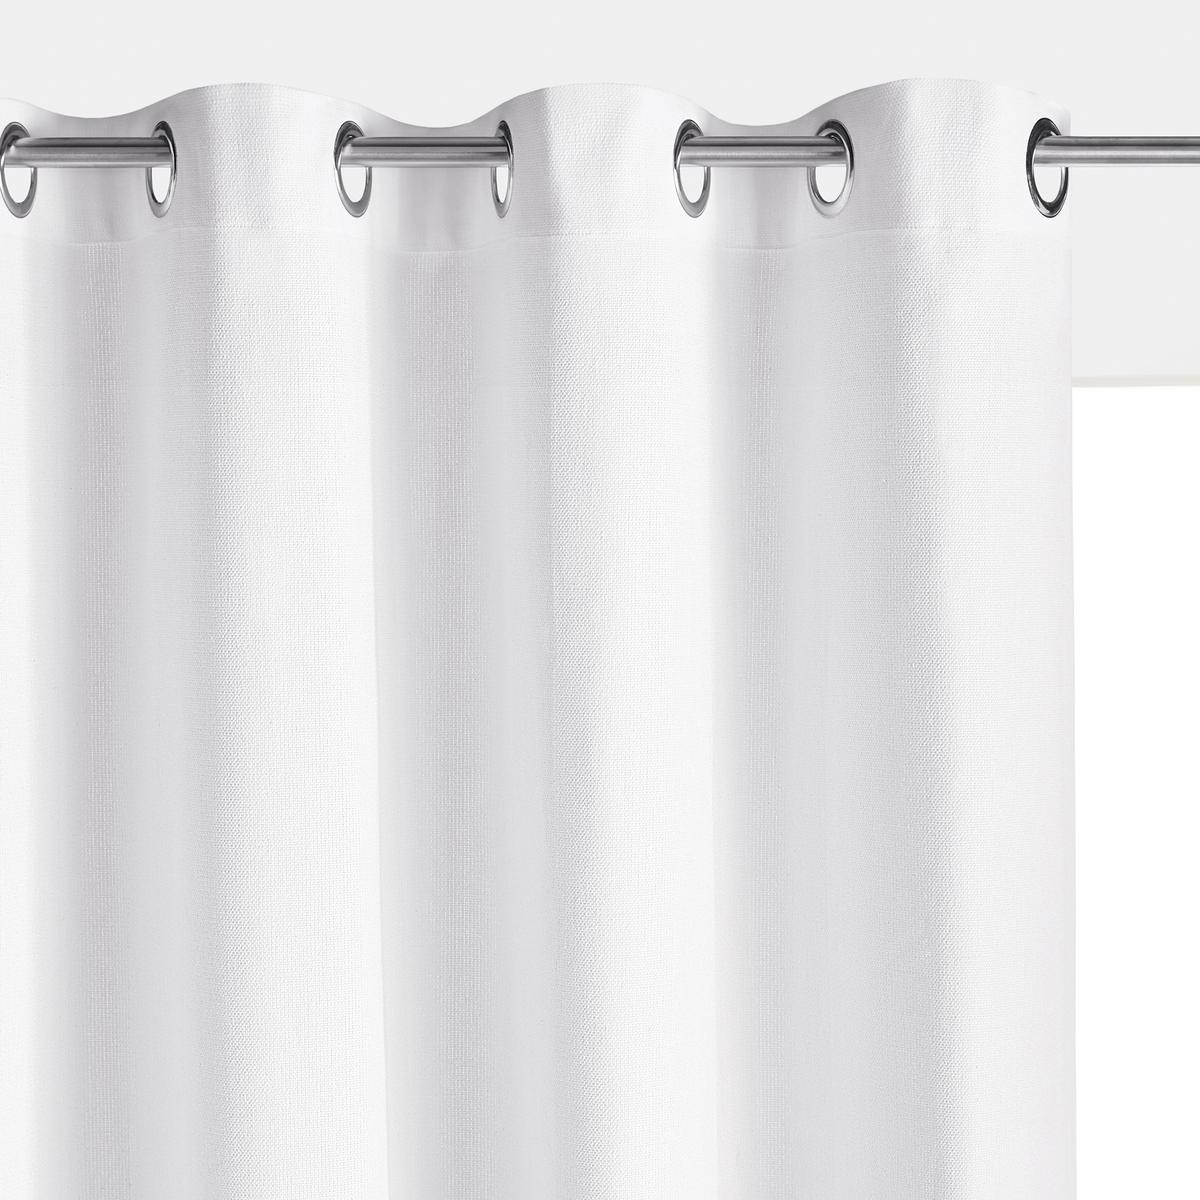 Штора однотонная из 100% плетеного хлопка PANAMA римская штора tanaro quelle my home 736242 в ш ок 140 140 см